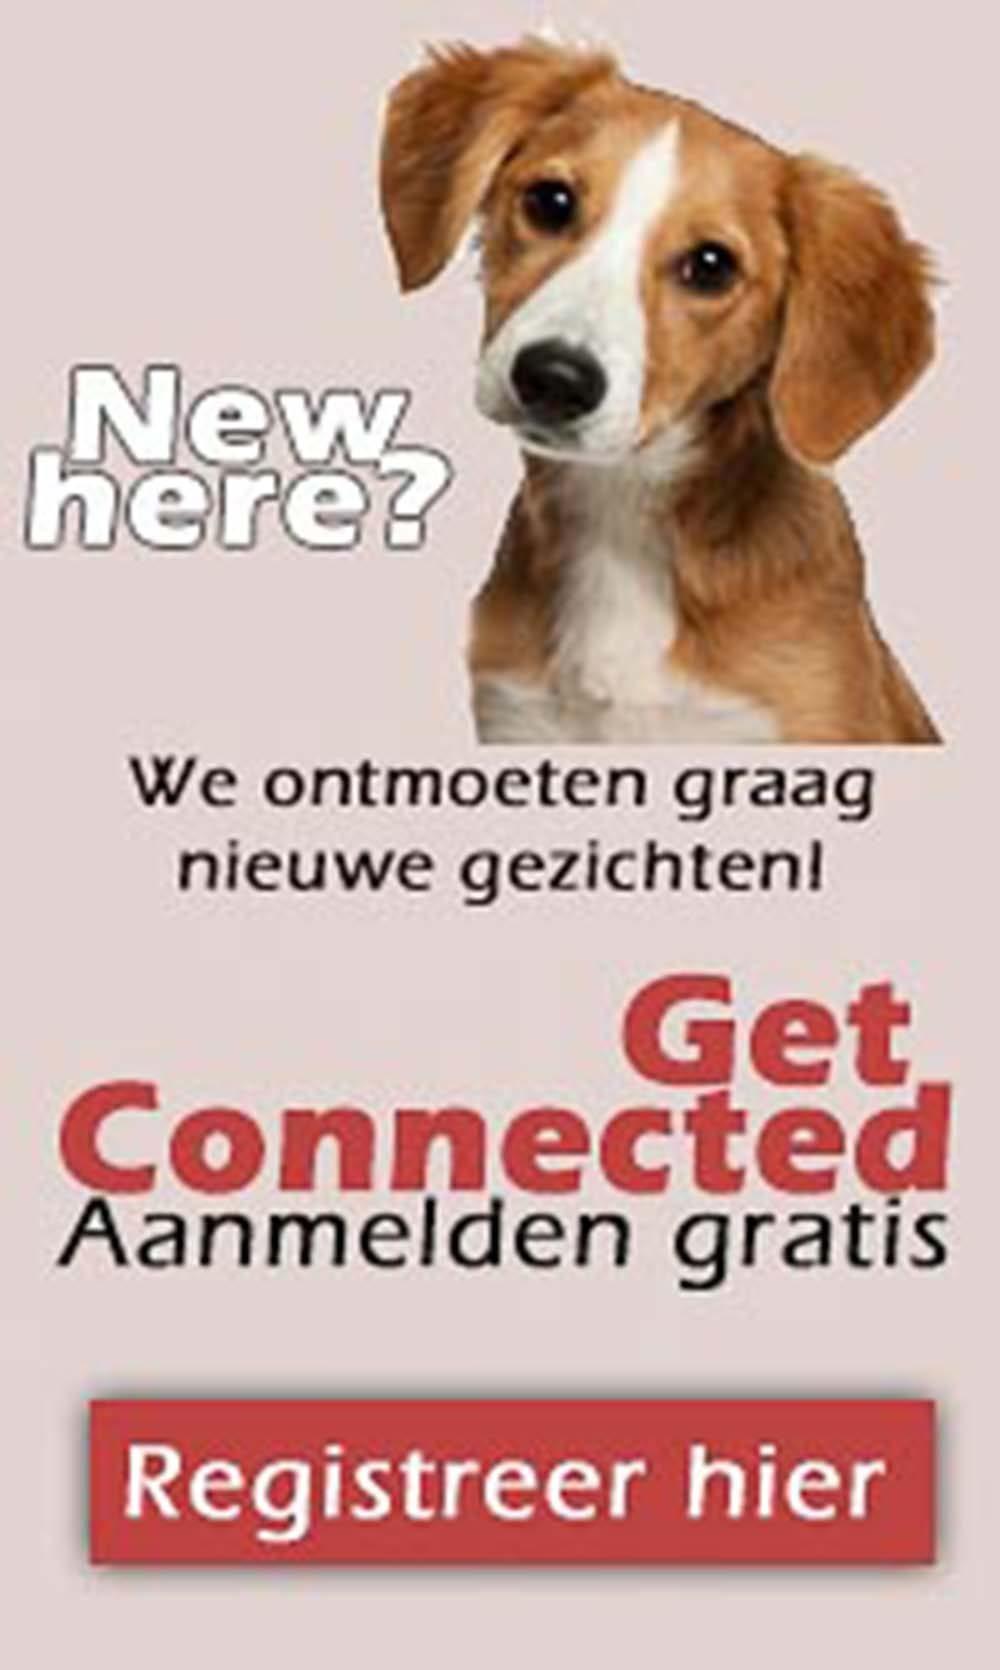 Meld u aan bij Euro Joe - Paarden - Kledij - Honden - Hondensport - Huisdieren